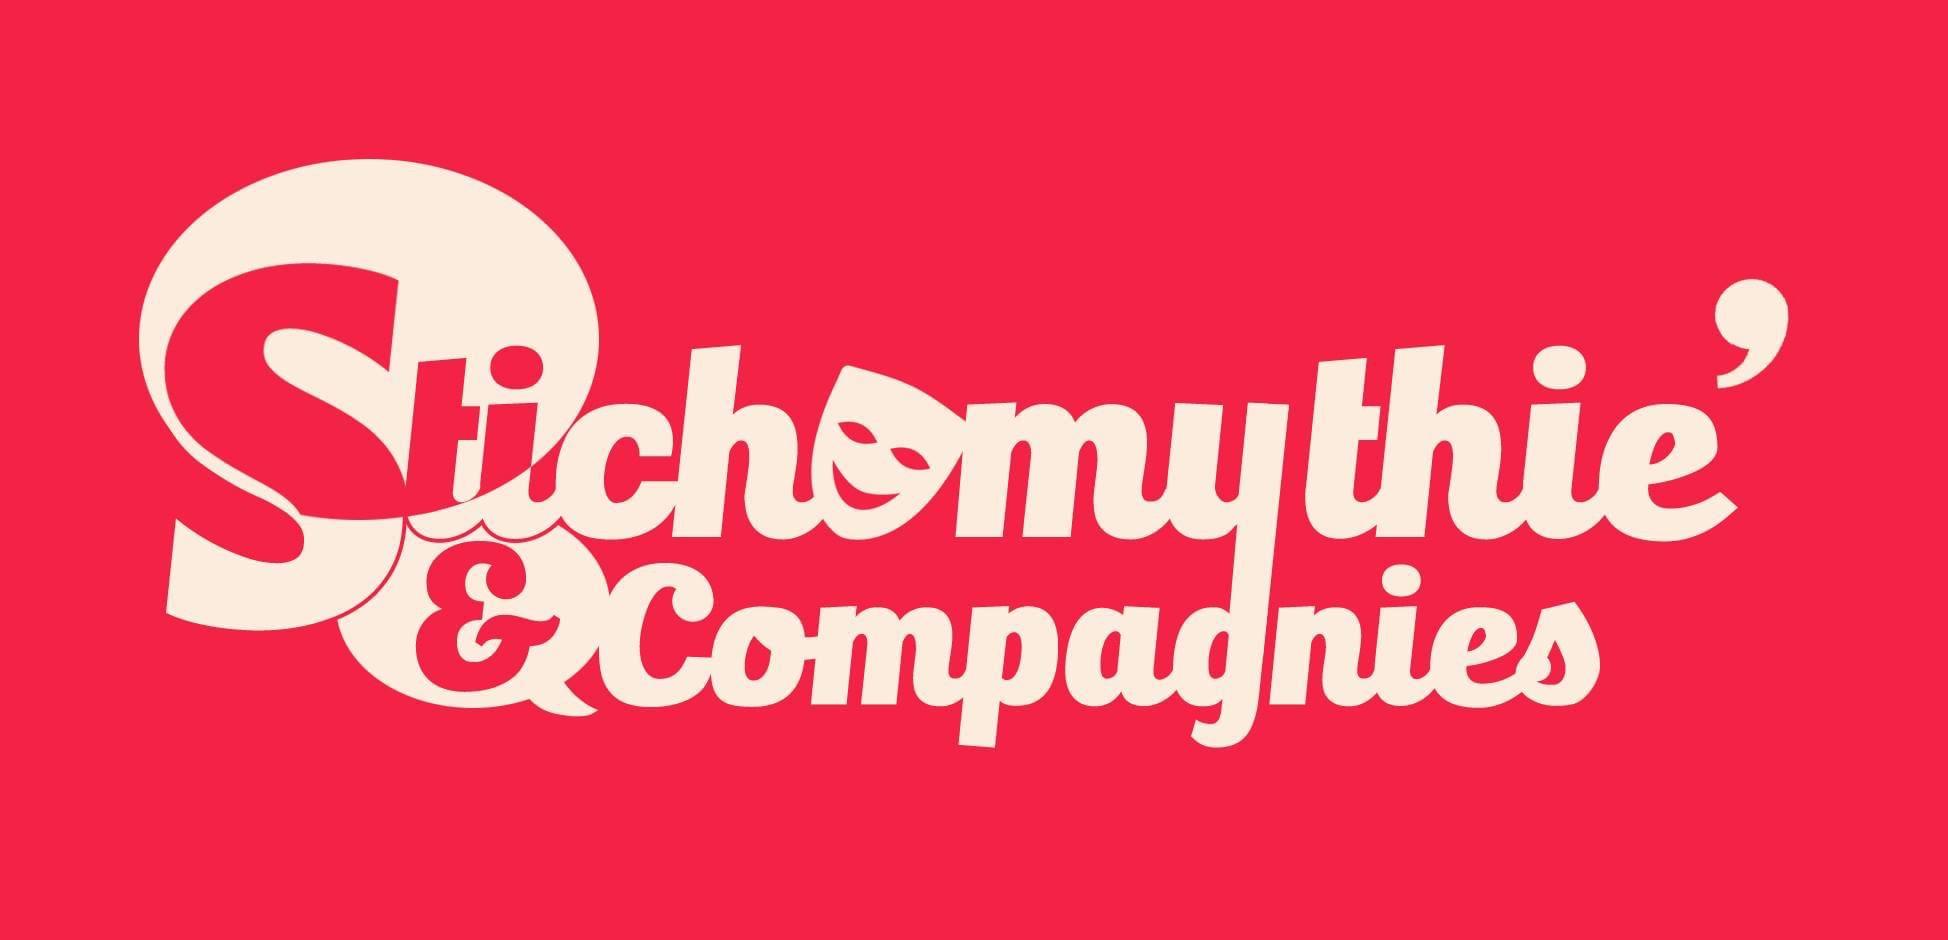 stichomythie et compagnies